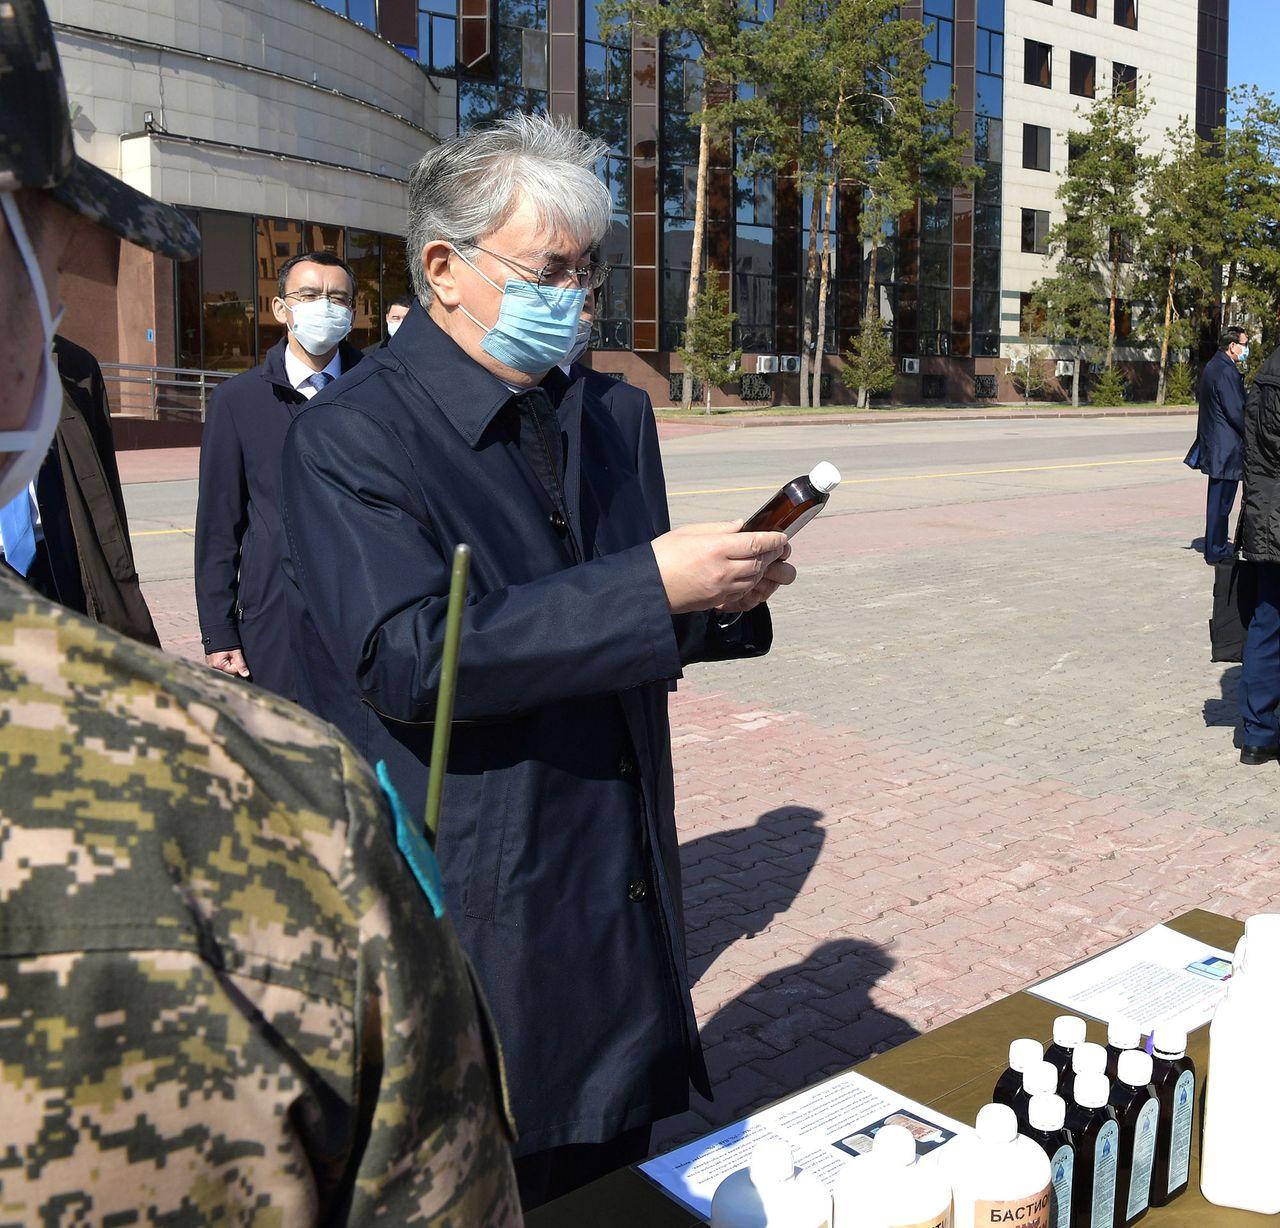 Мемлекет басшысы аумақтық қорғаныс бригадасының әскери қызметшілерімен кездесті